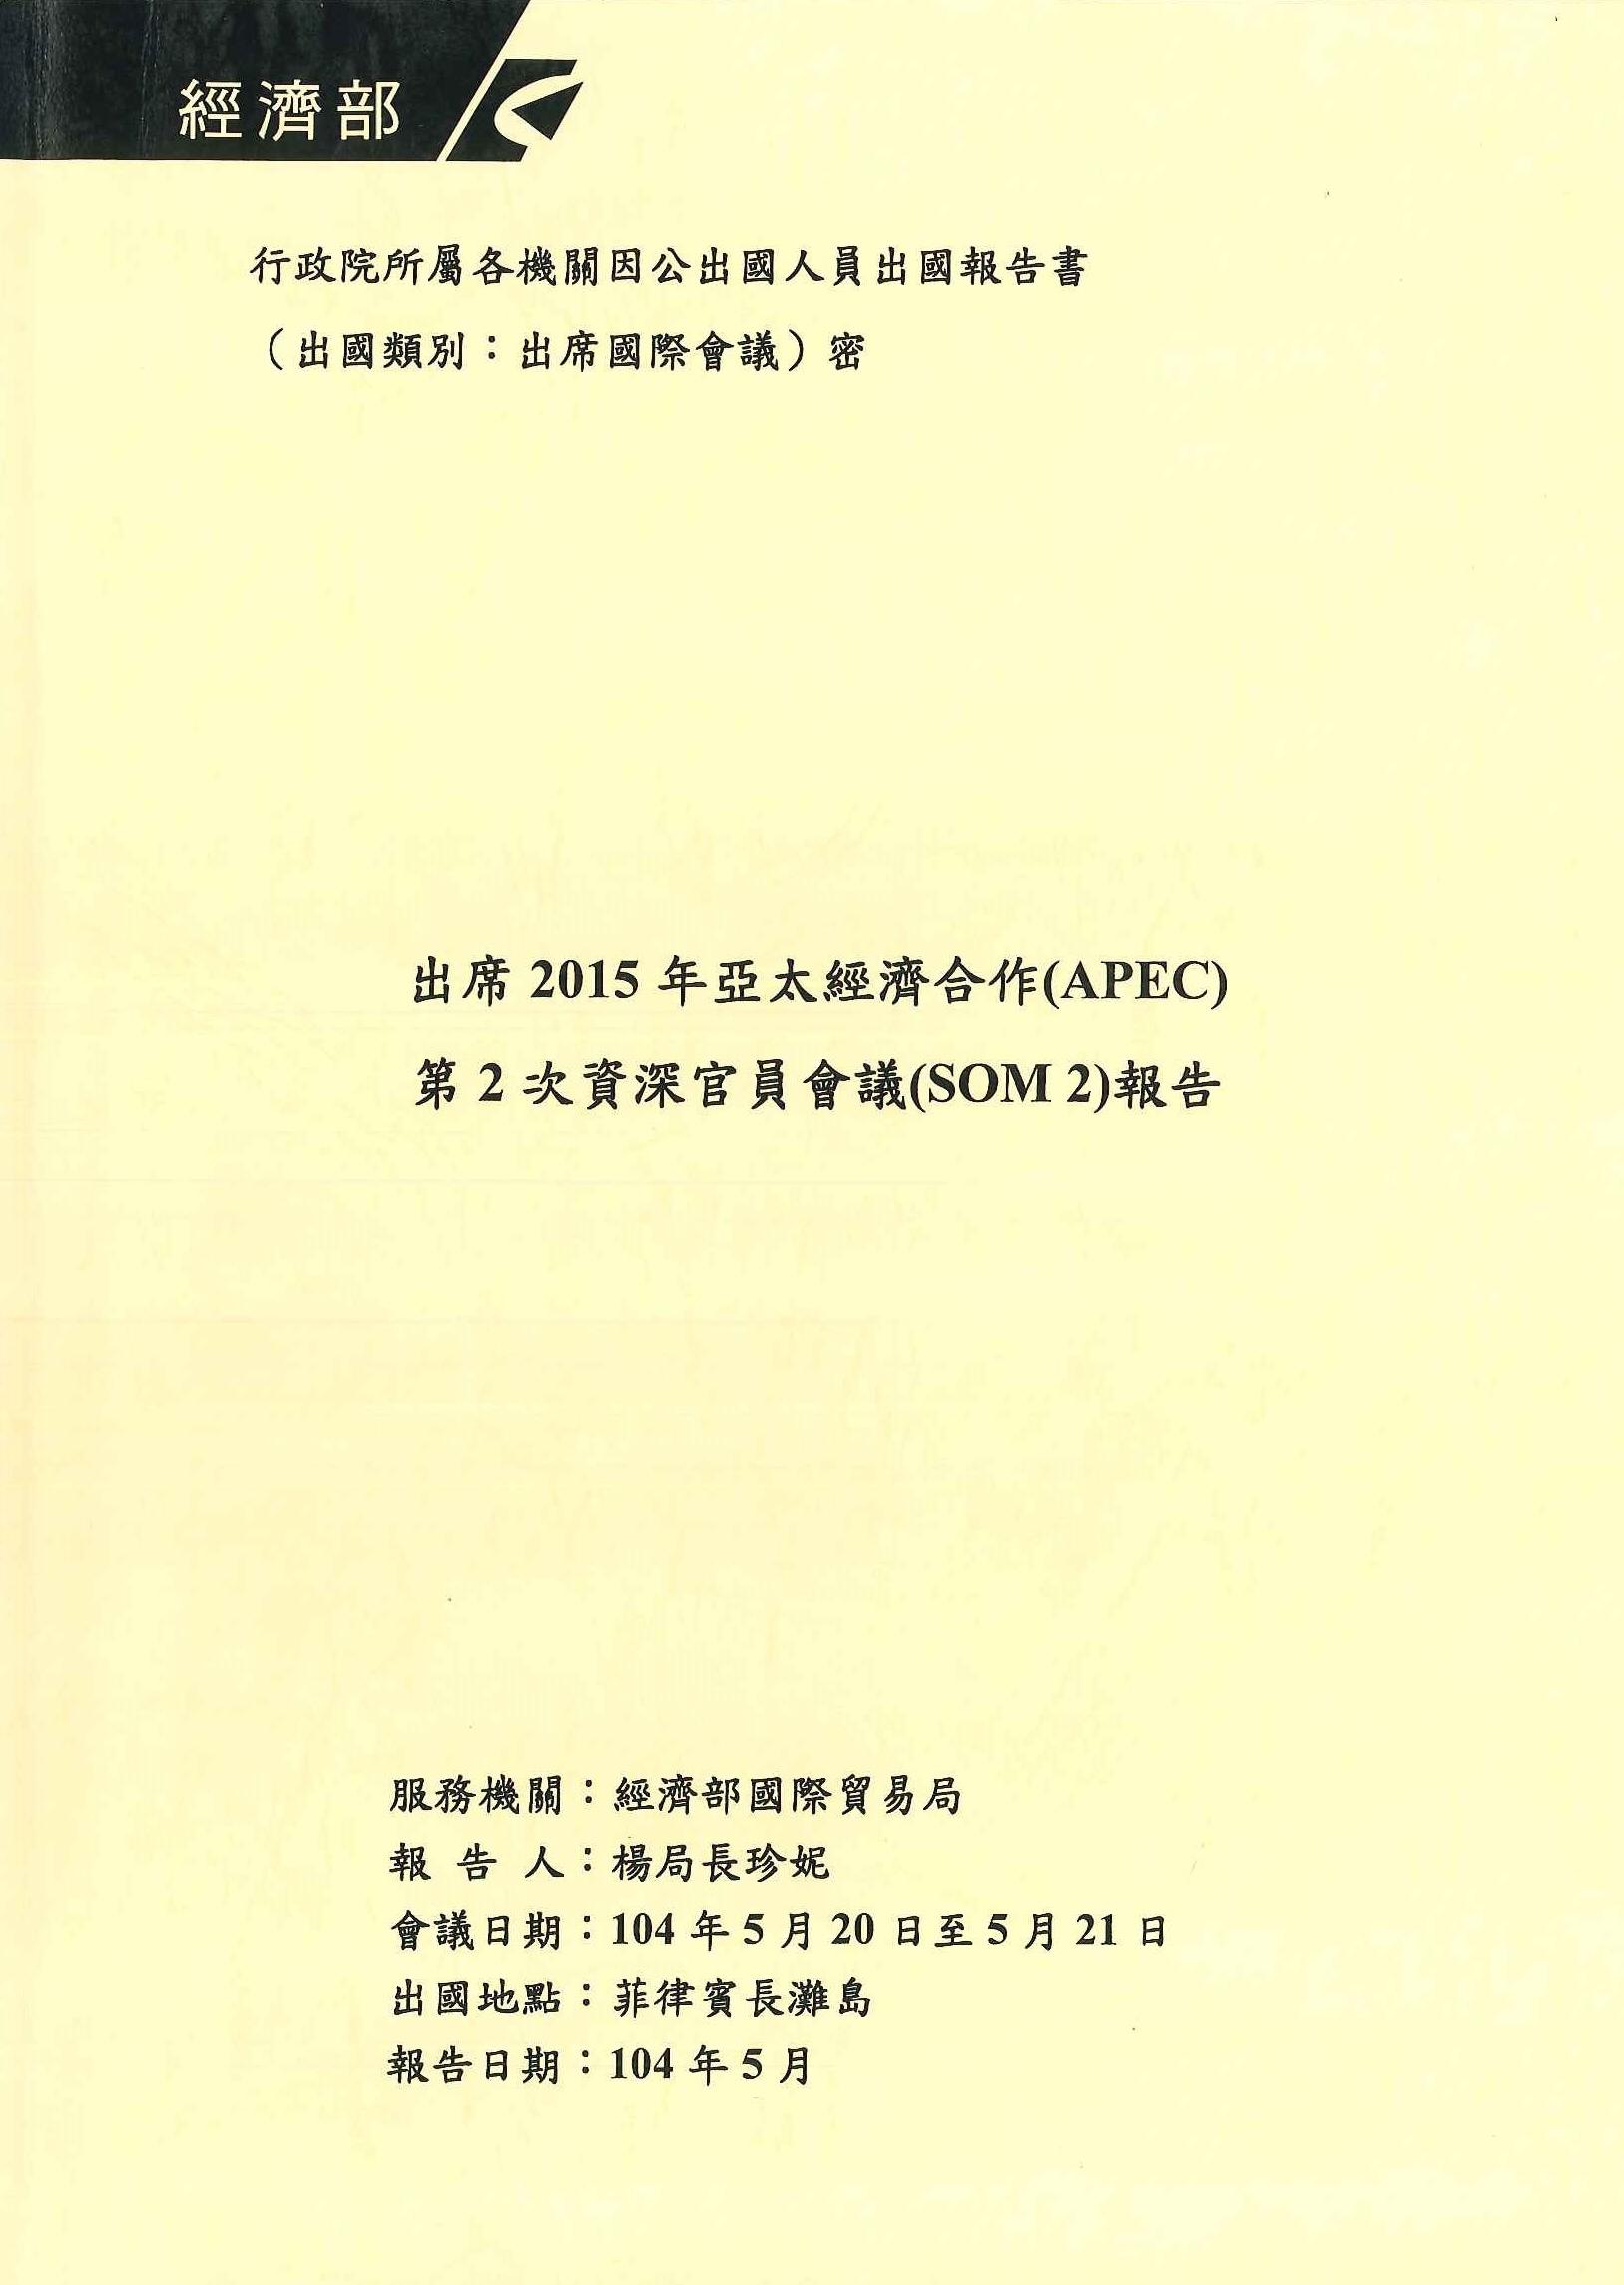 出席2015年亞太經濟合作(APEC)第2次資深官員(SOM2)報告